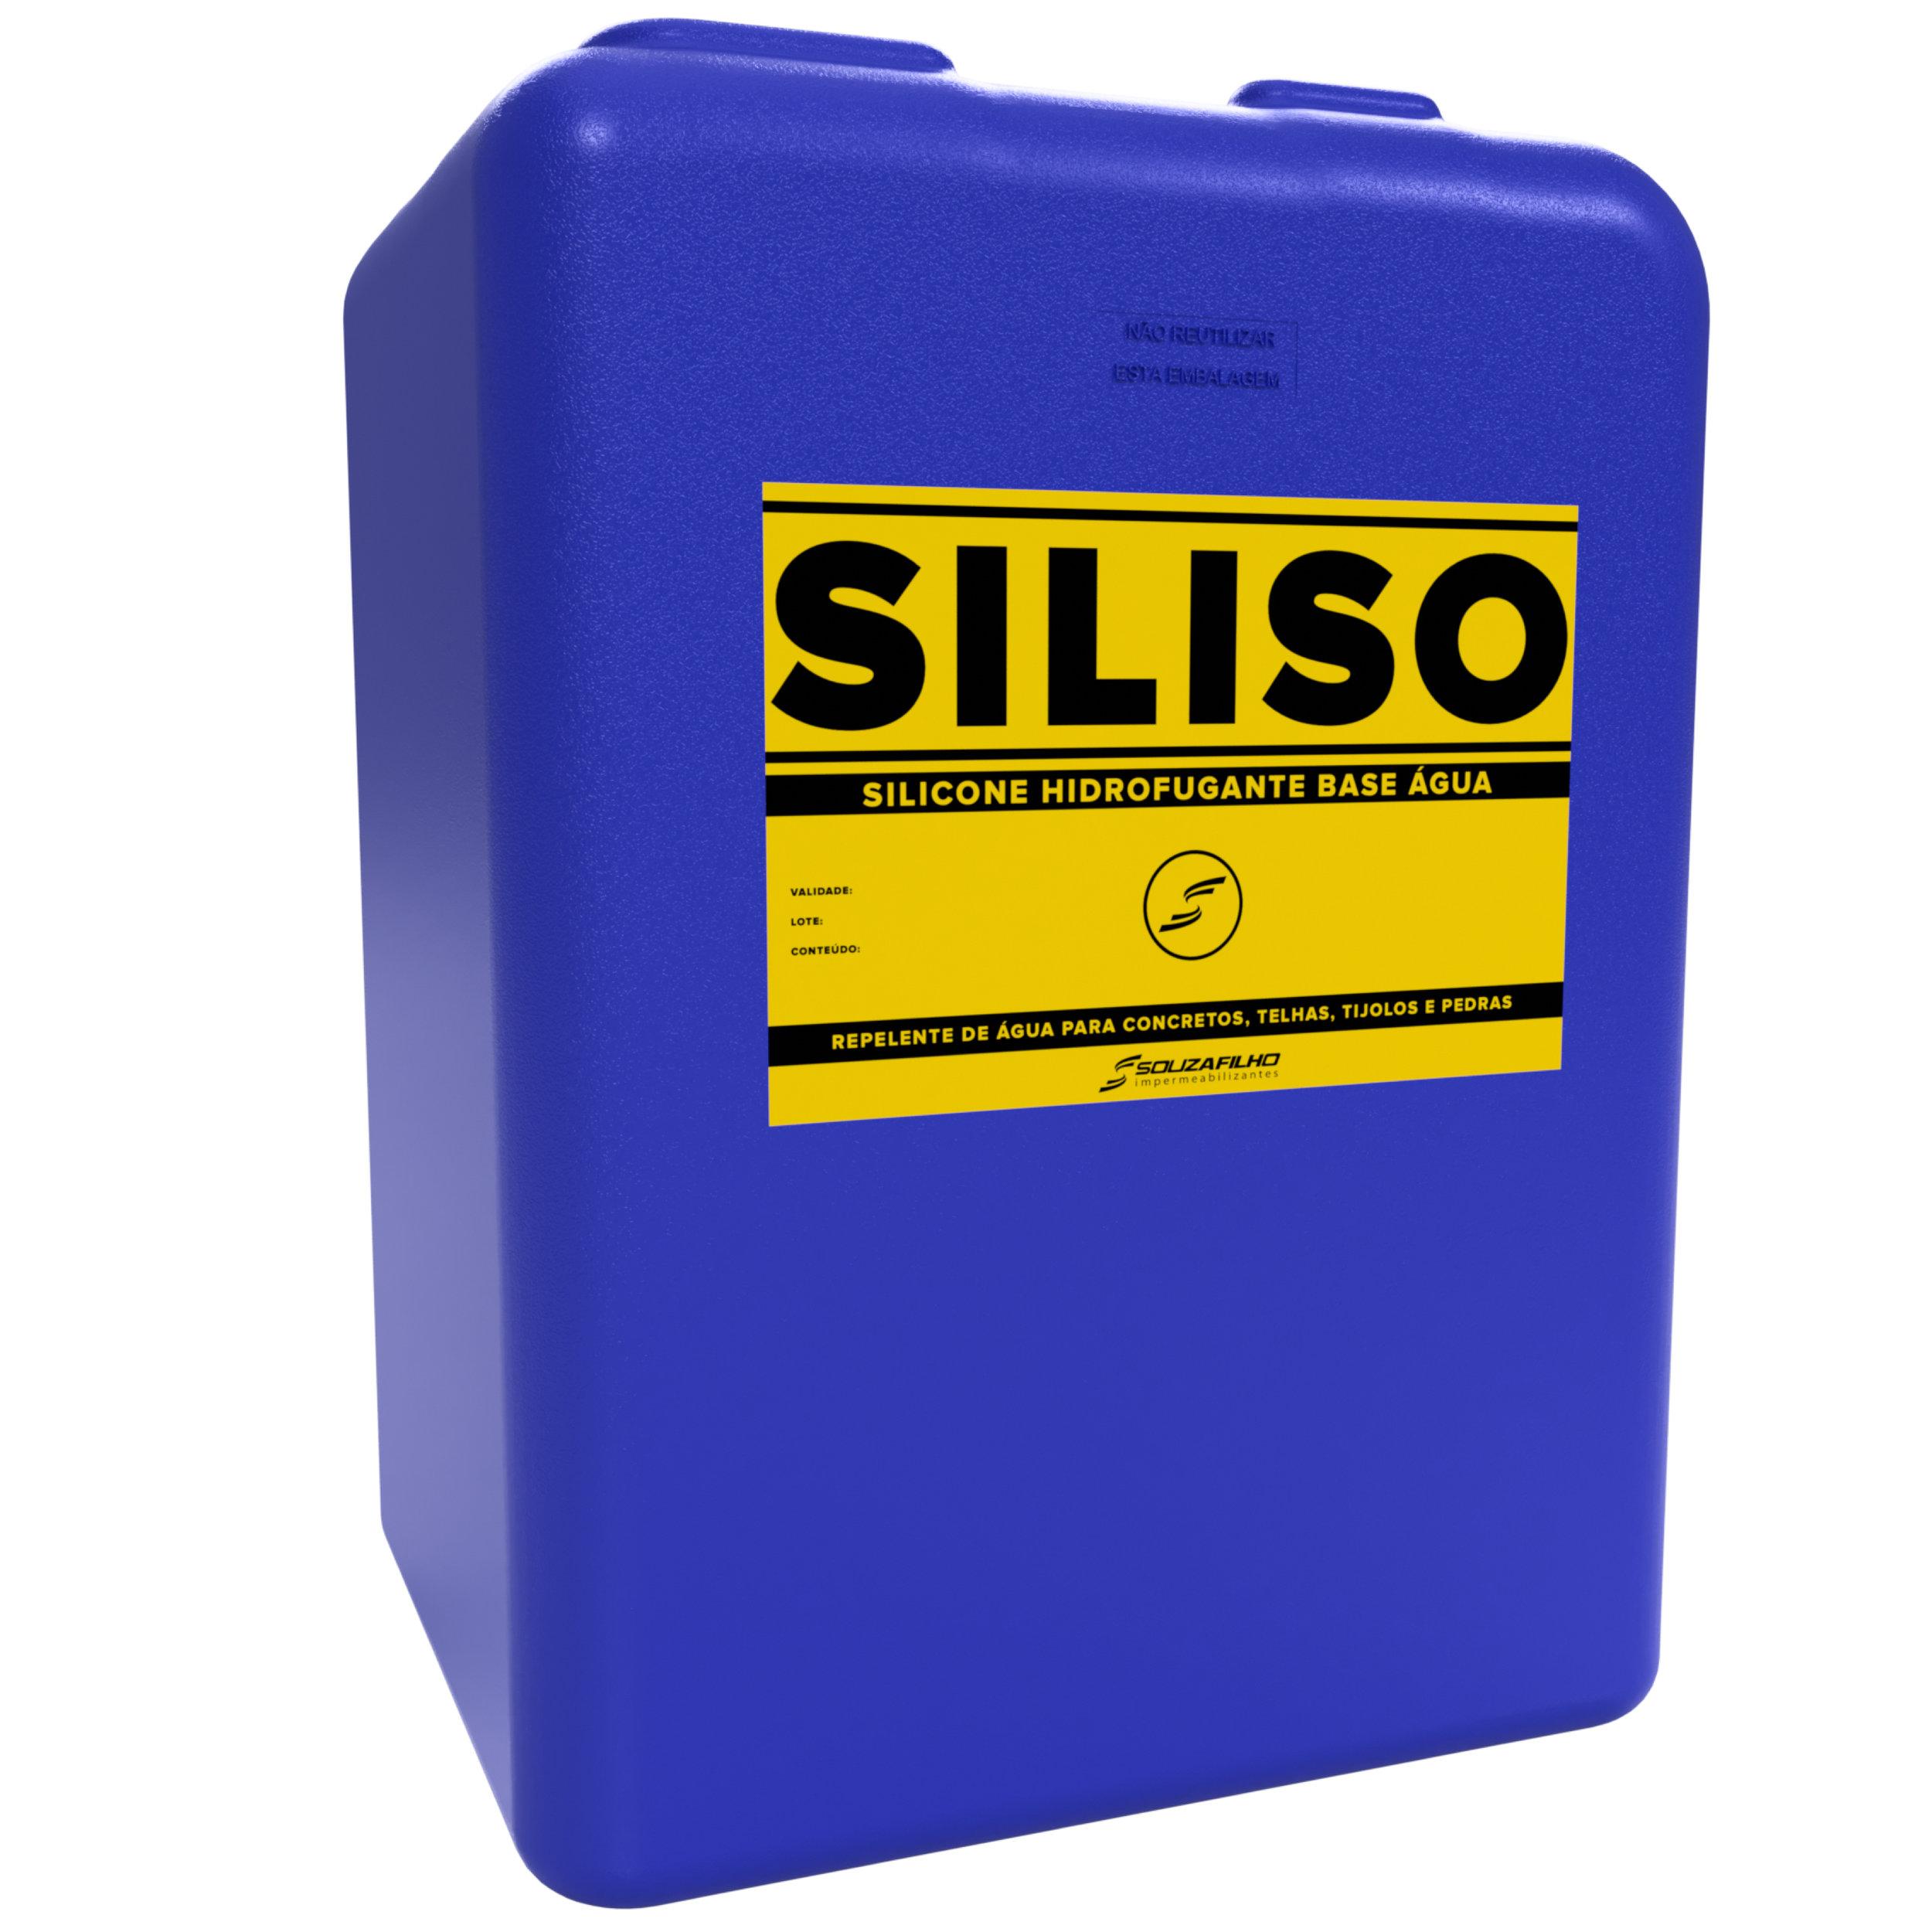 siliso silicone hidrofugante.jpg